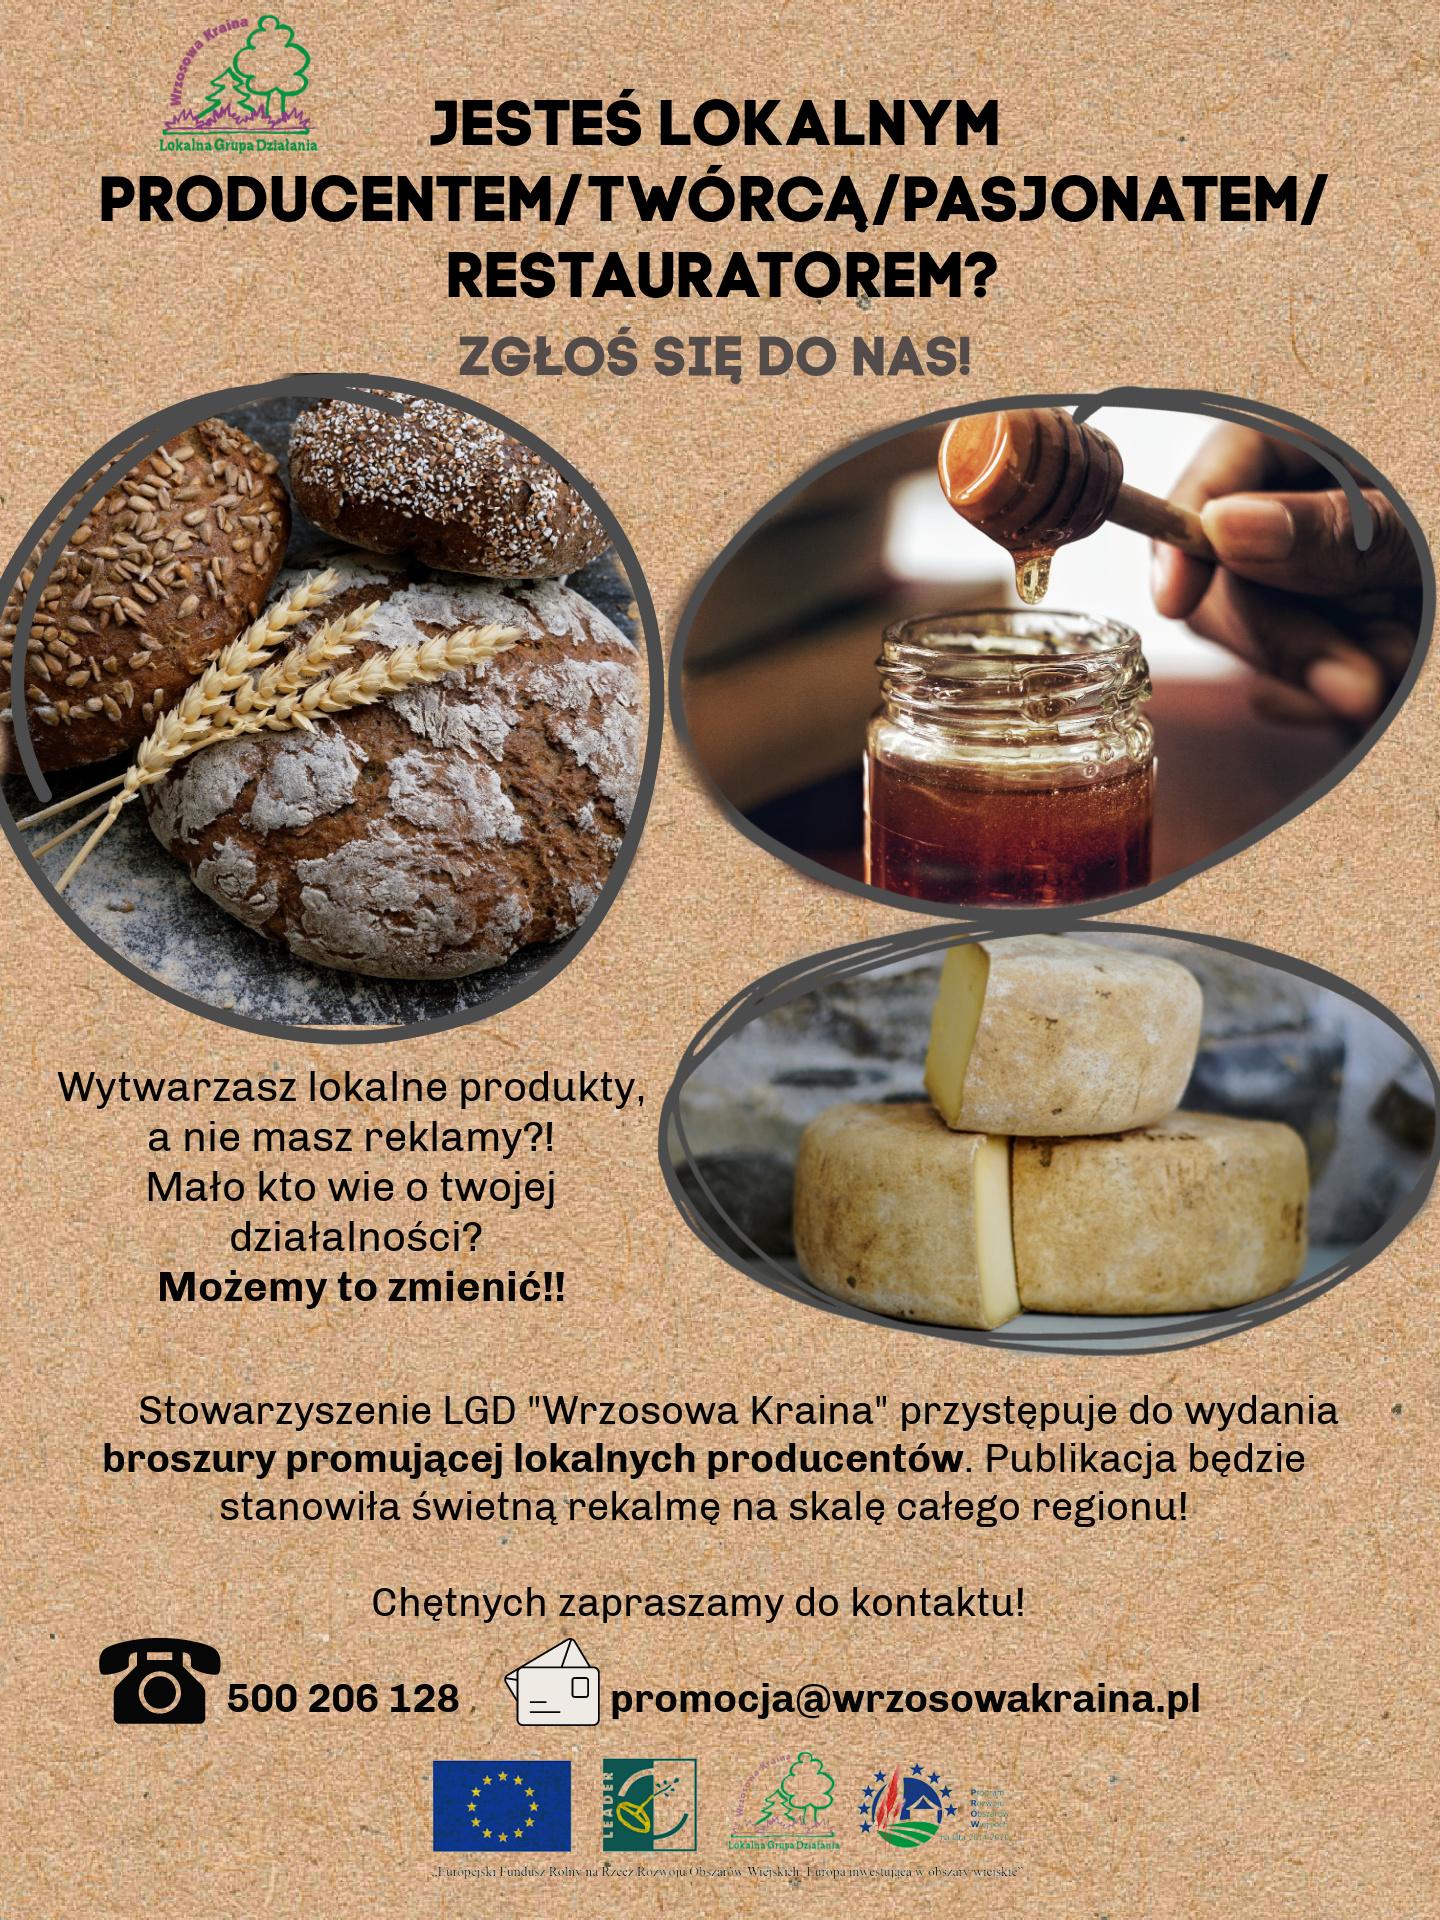 Plakat informacyjny dla lokalnych producentów, twórców, pasjonatów i restauratorów